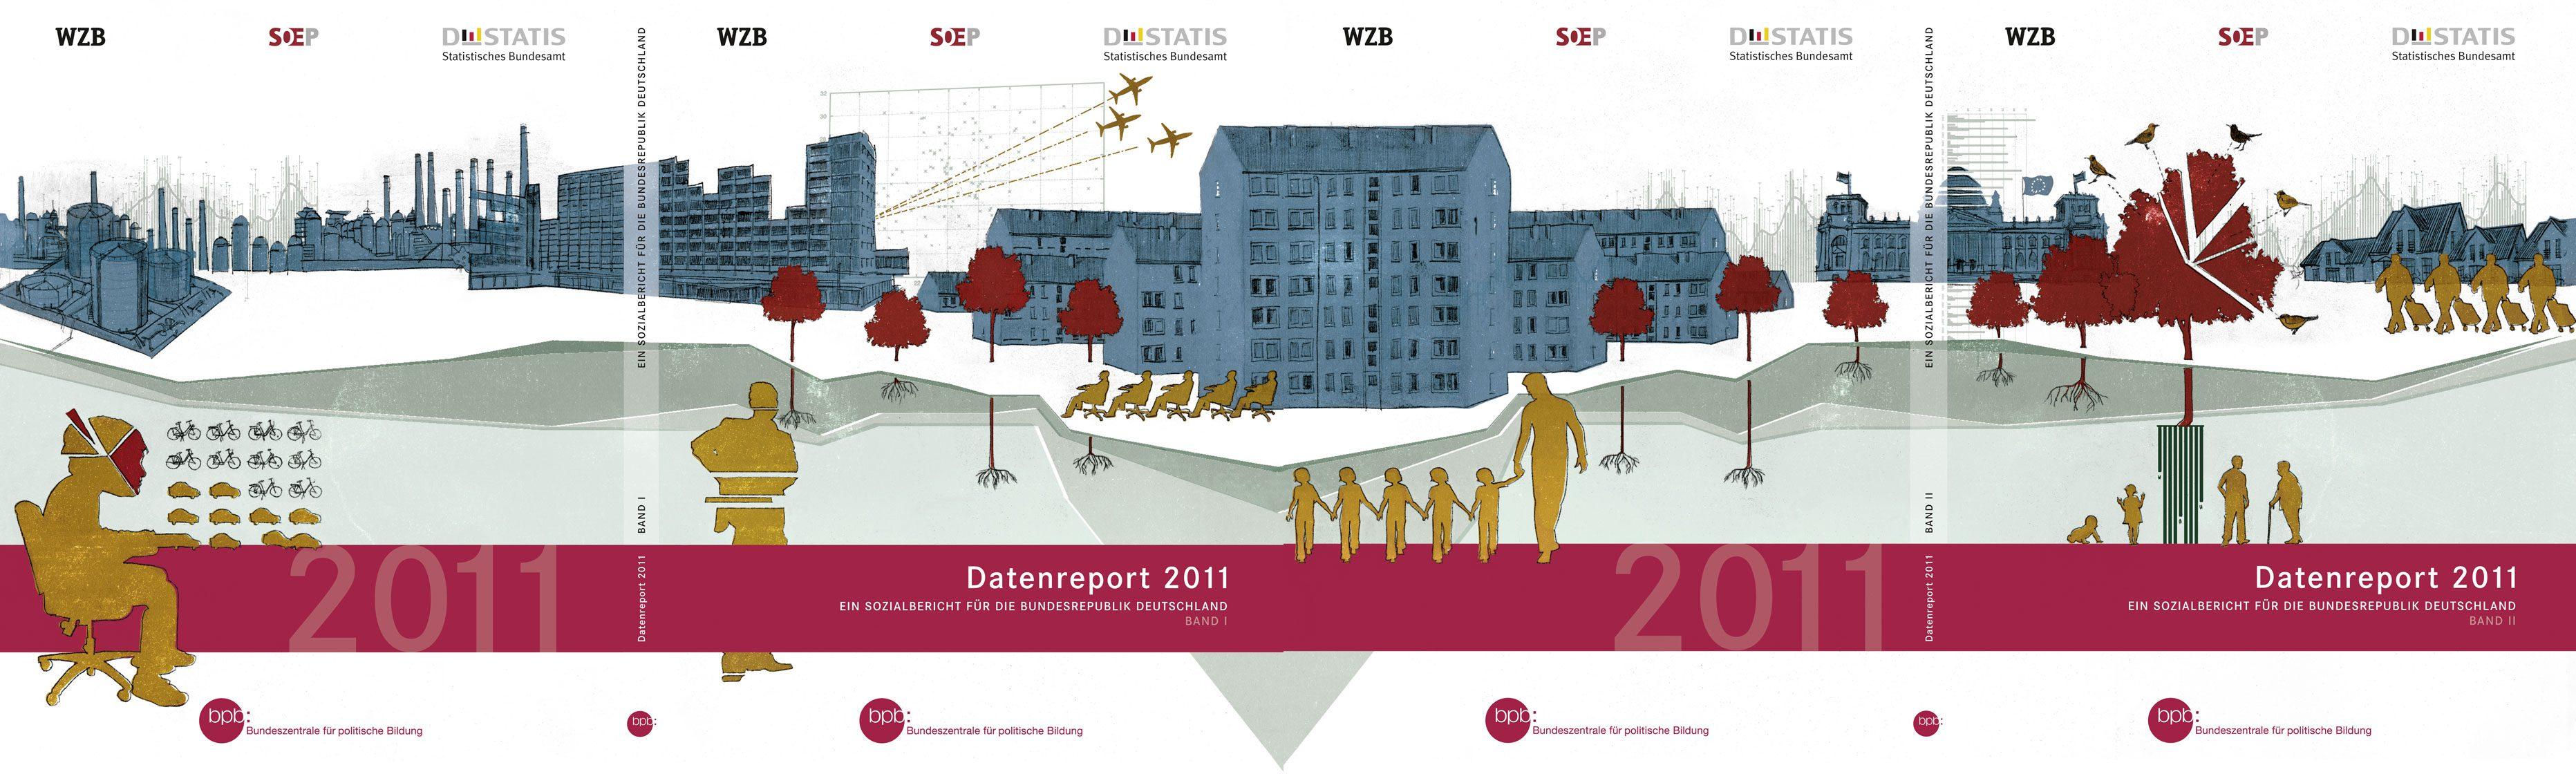 Buchpublikation Datenreport 2011 für Destatis und Bundeszentrale für politische Bildung, Zeitbilder